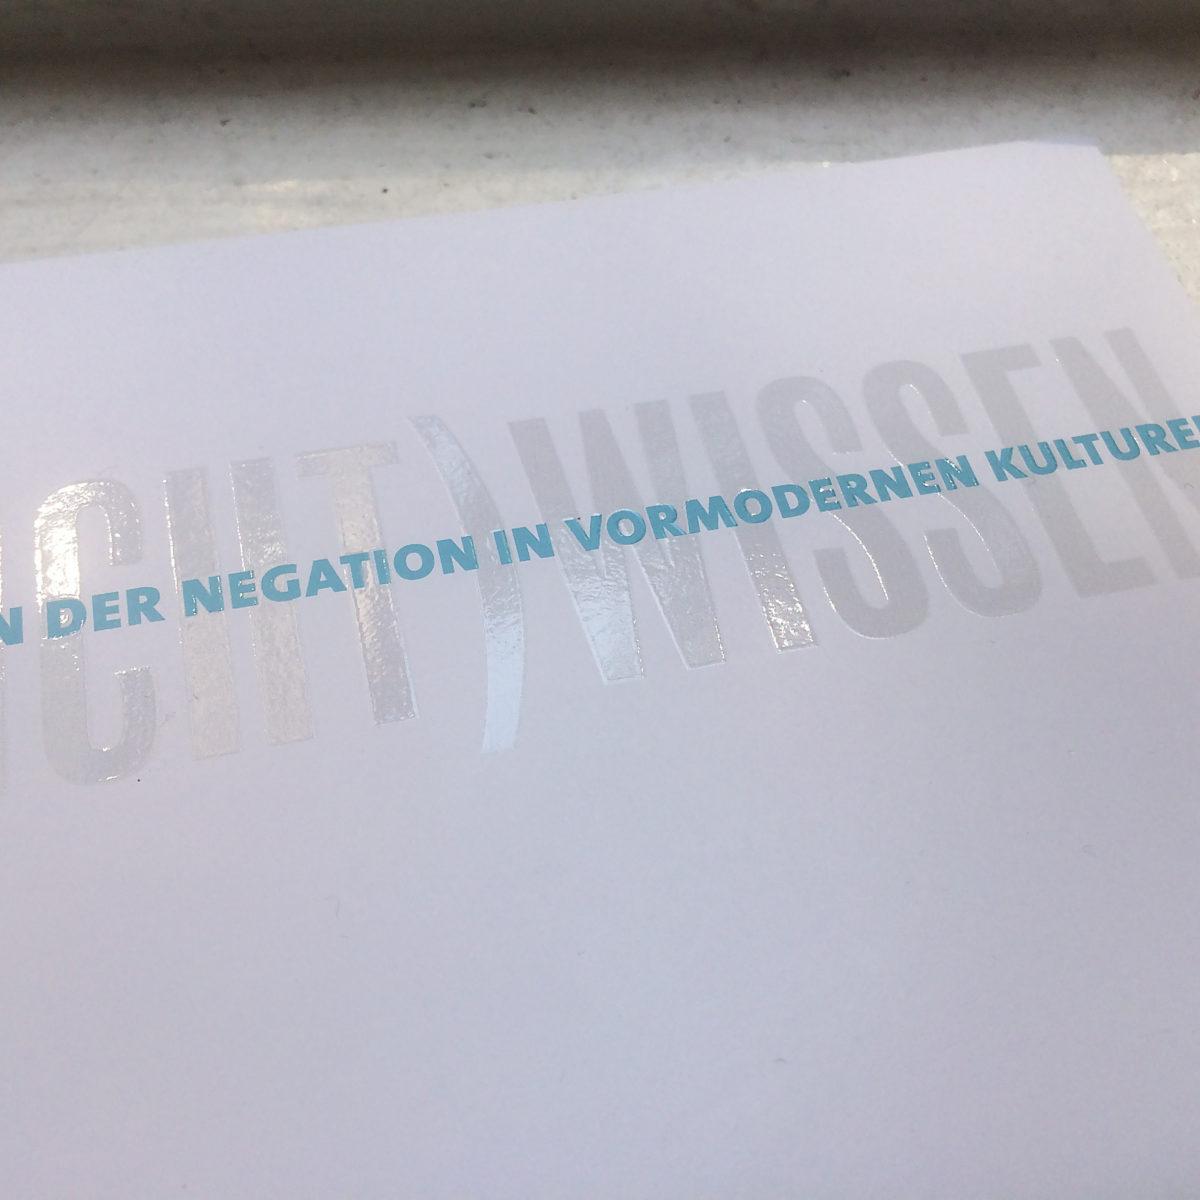 Design des Leitmotivs für die Jahrestagung des SFB 980 Episteme in Bewegung, Freie Universität Berlin, Postkarte